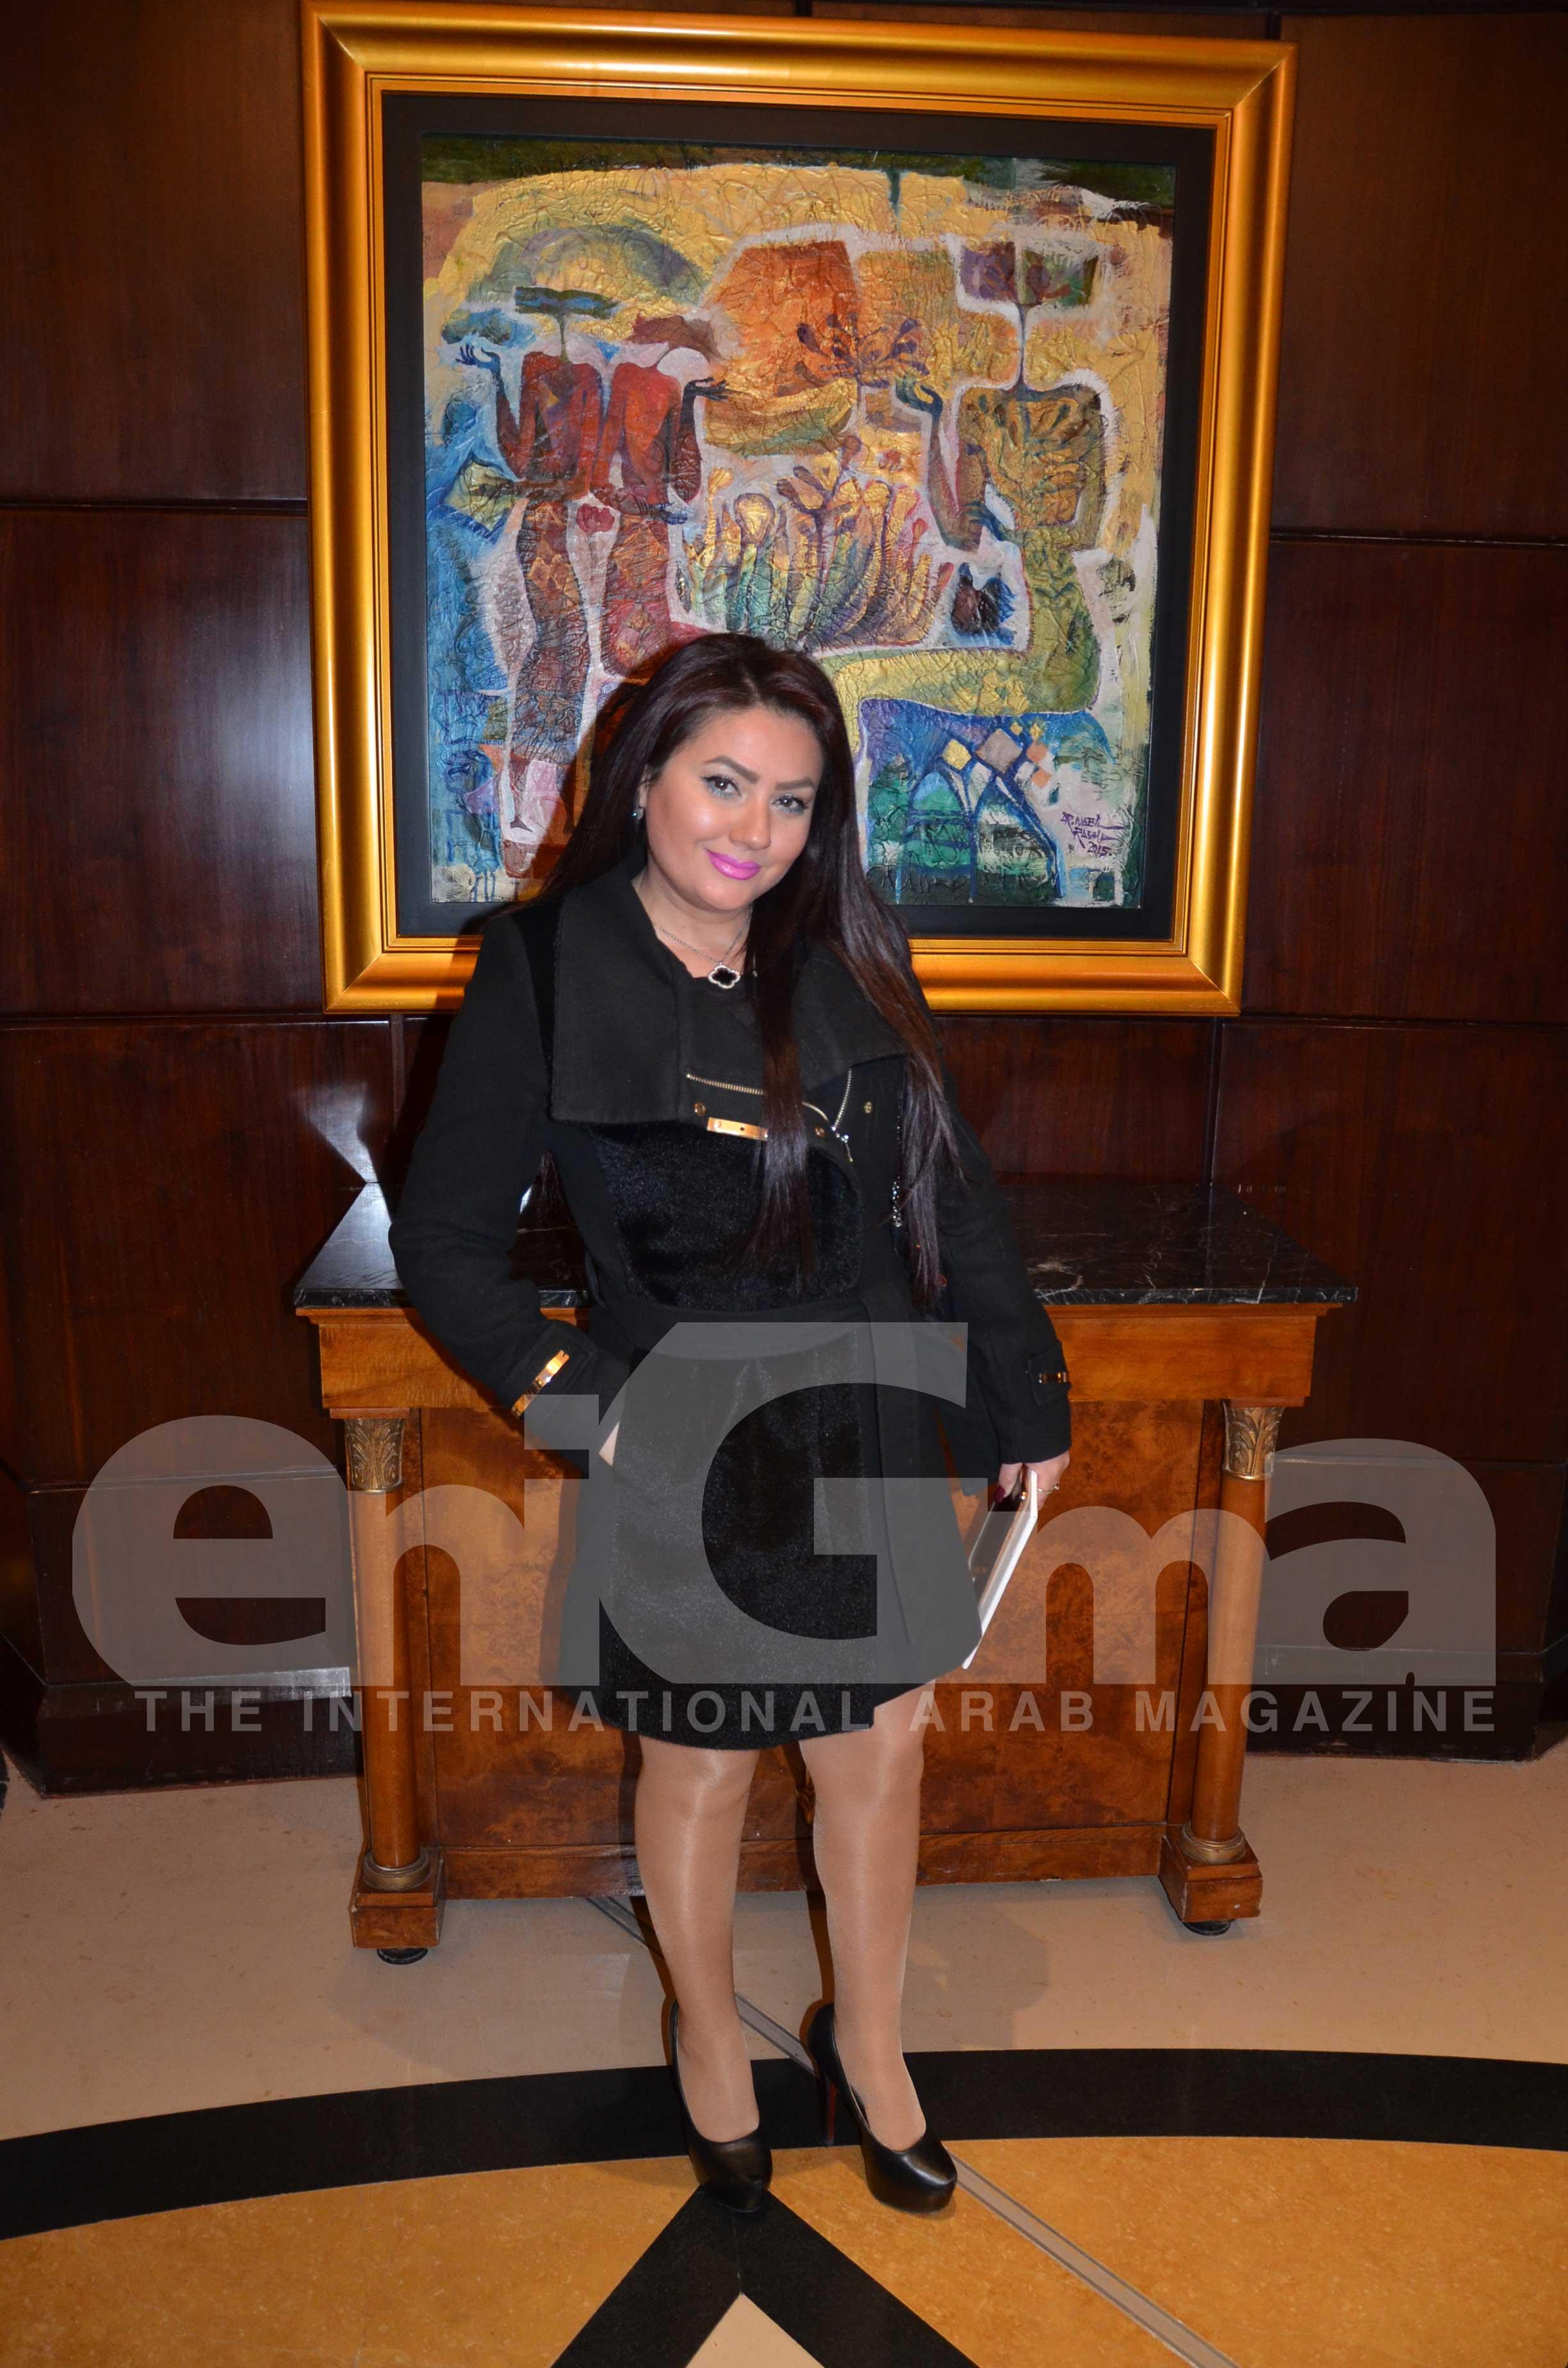 Ms. Laila Nour